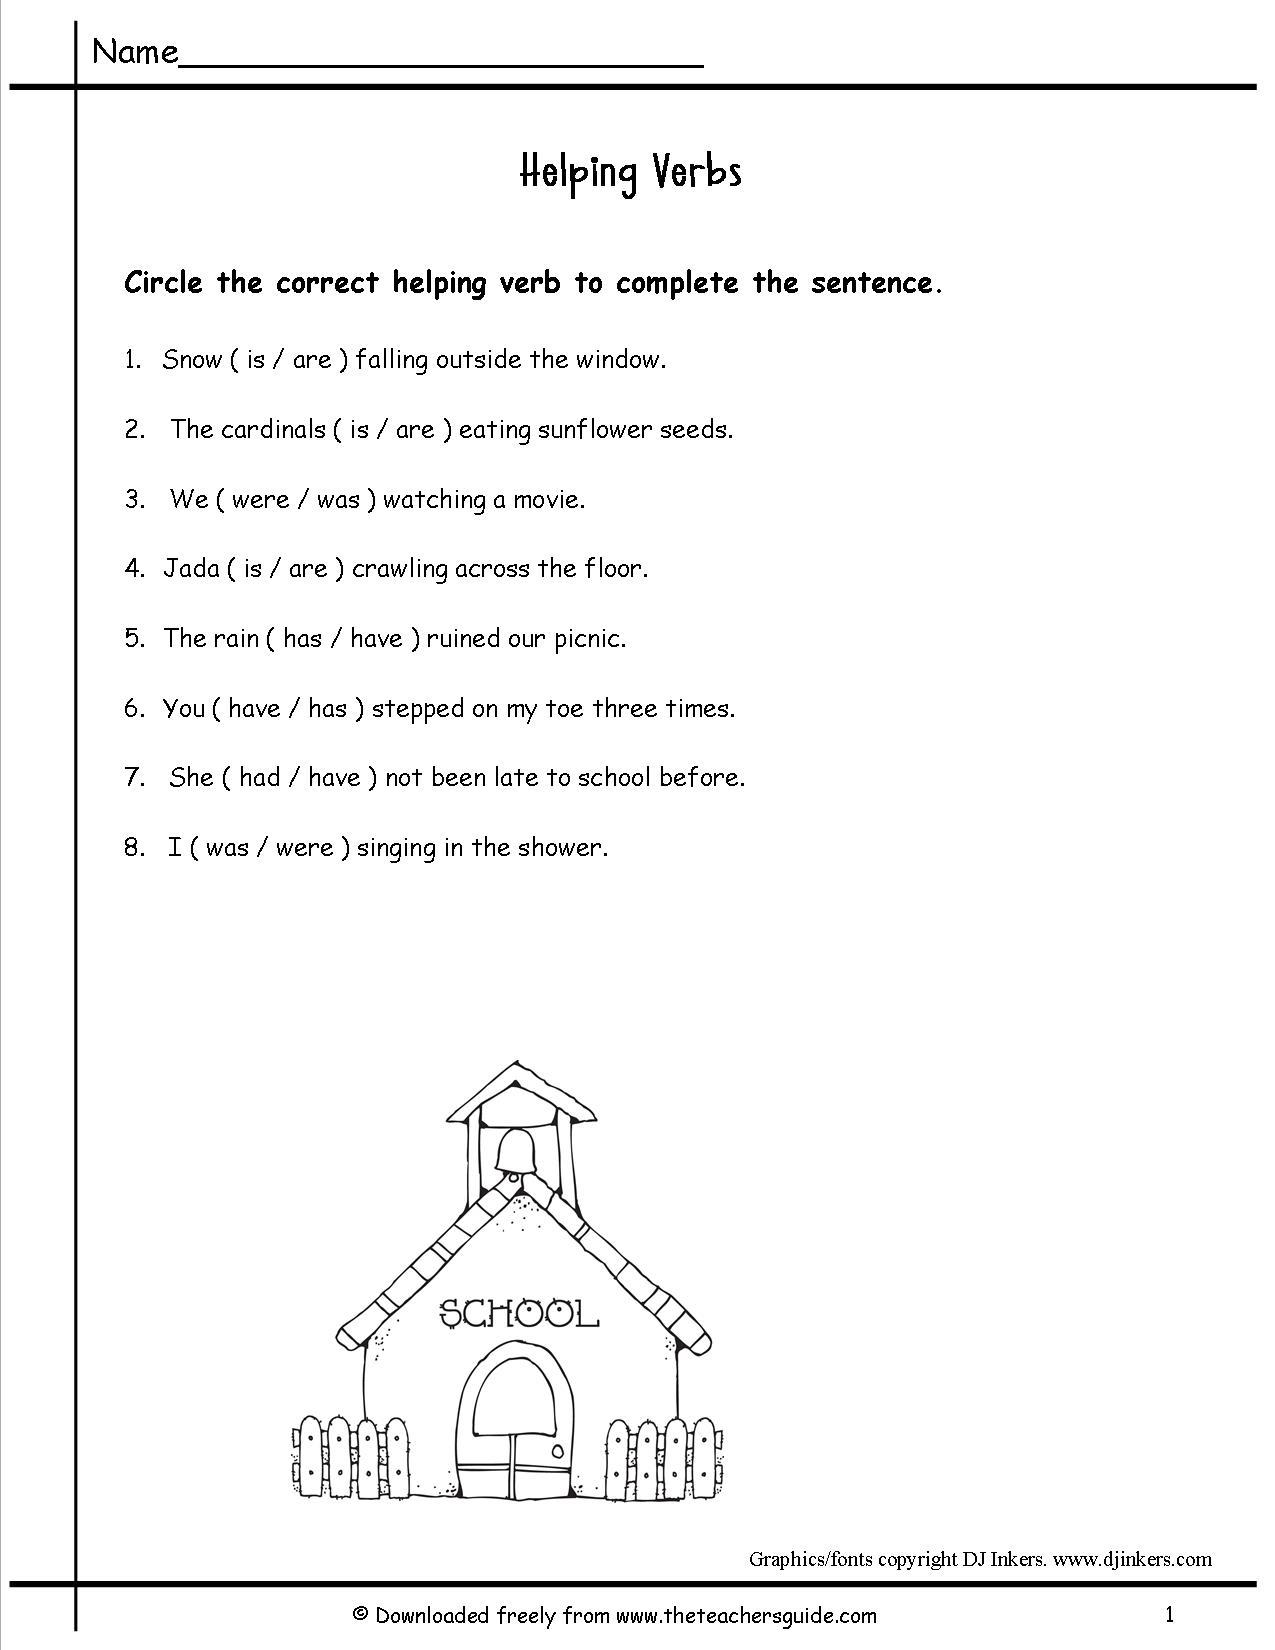 Helping Verbs Printable Worksheet